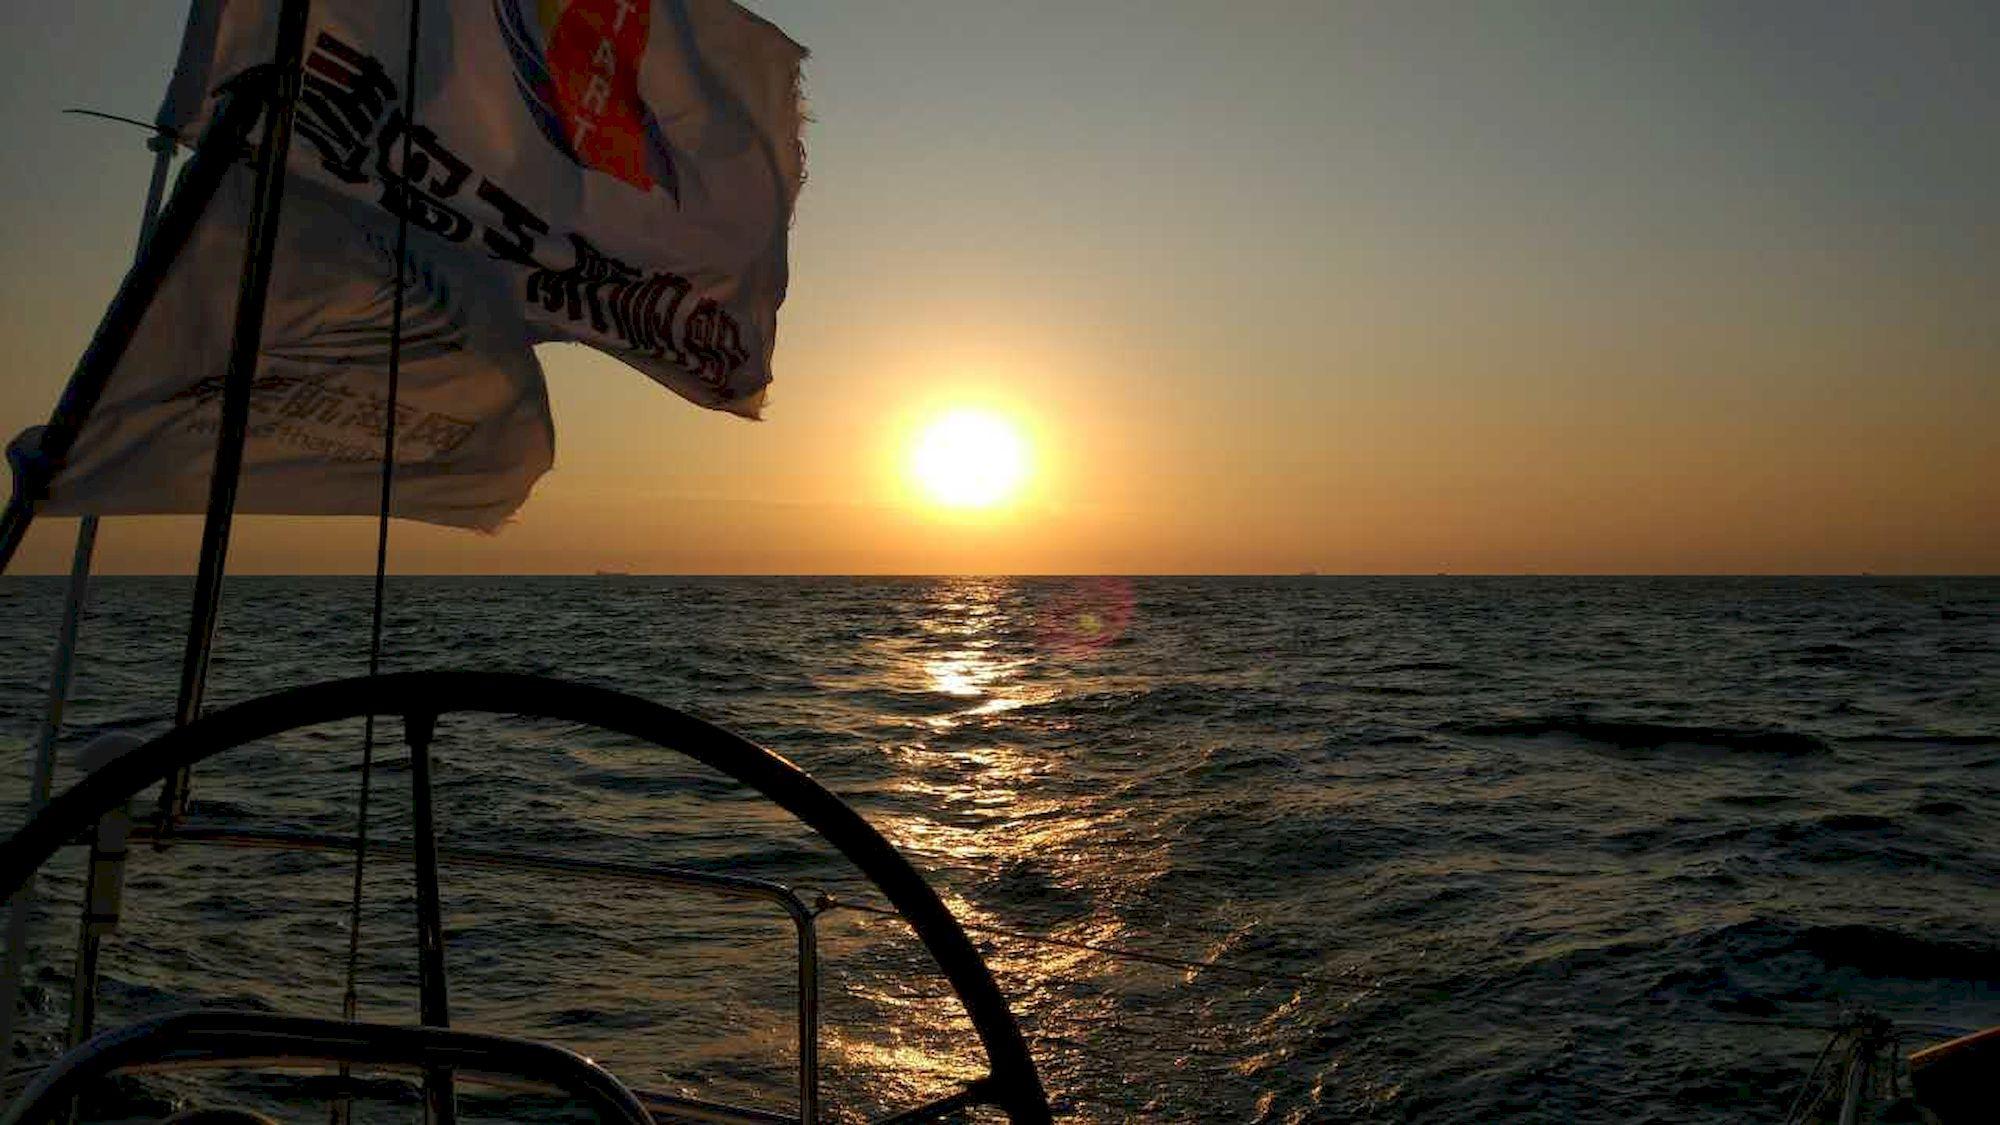 新西兰,跆拳道,俱乐部,拉力赛,青岛 向着太阳升起的地方出发:记第一次跨国远航-千航帆船-51航海网队-2016威海仁川 030-IMG_3562_千帆俱乐部我要航海网帆船队-2016威海-仁川国际帆船赛.JPG